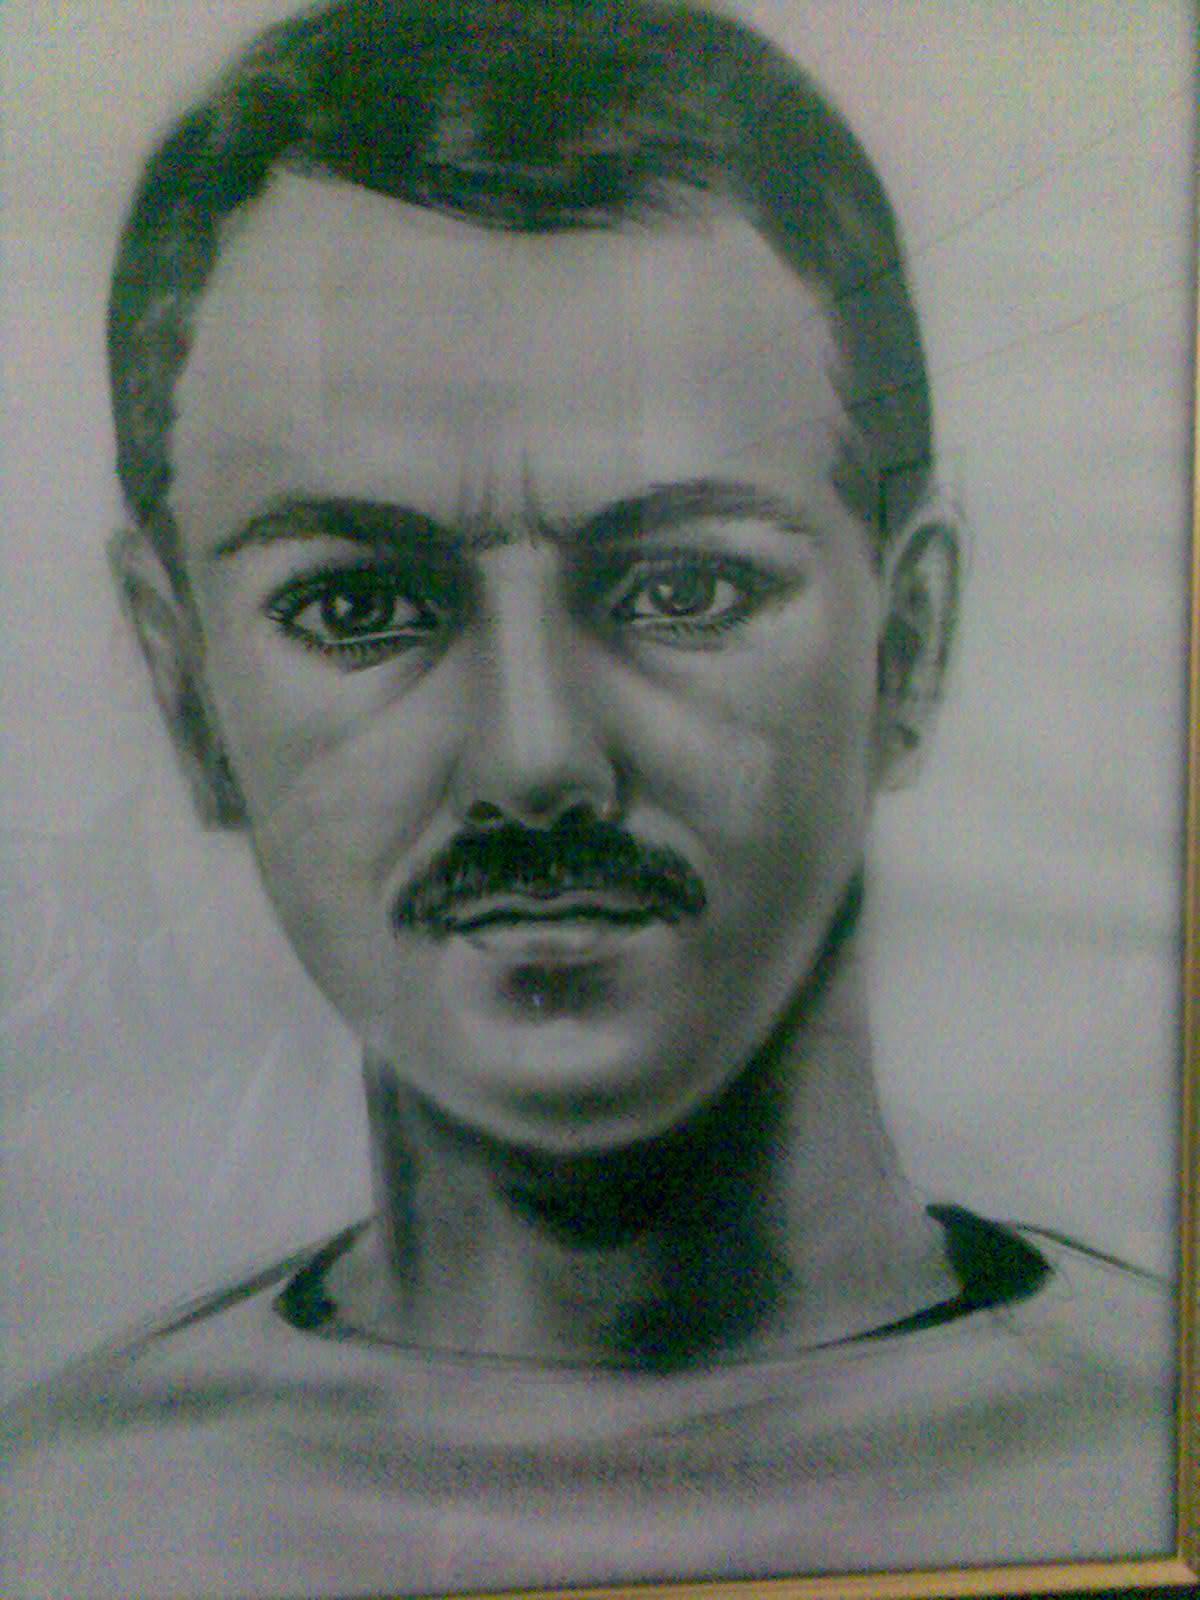 Saliba J Shehadeh